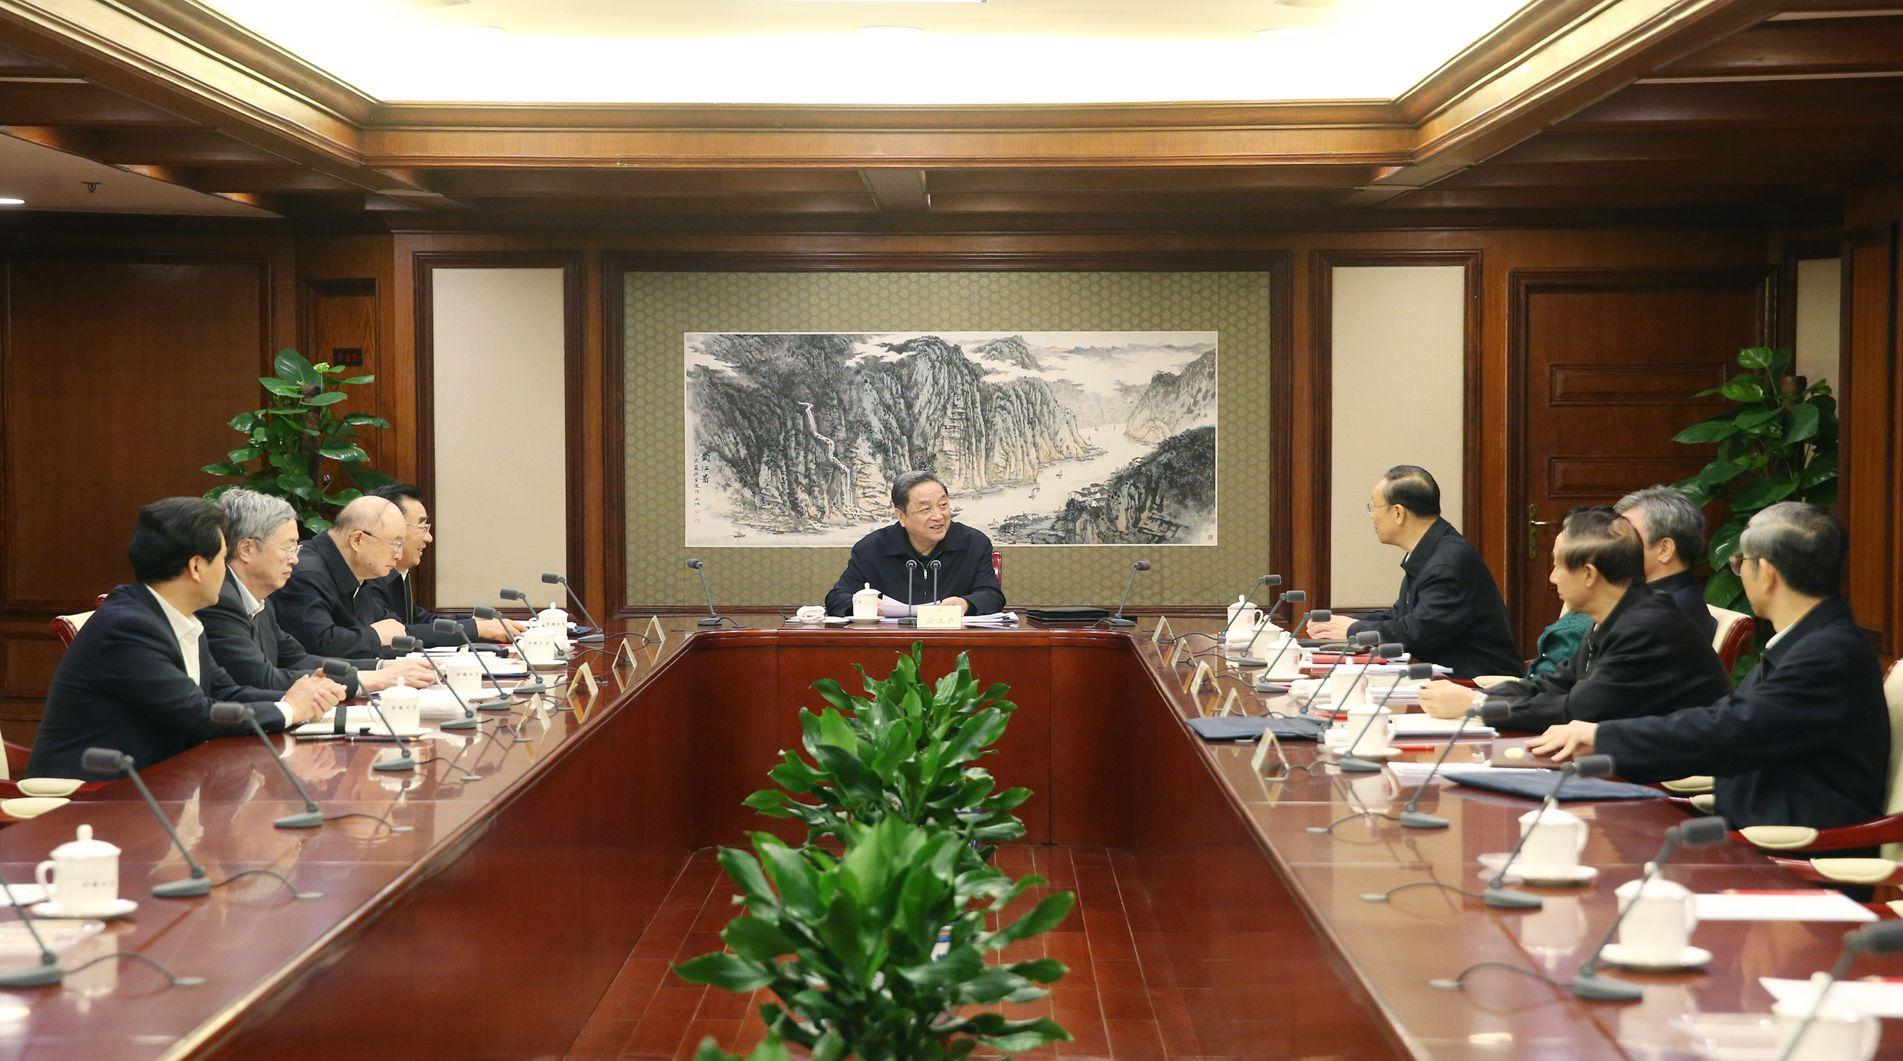 俞正声主持召开中共全国政协党组会议并讲话